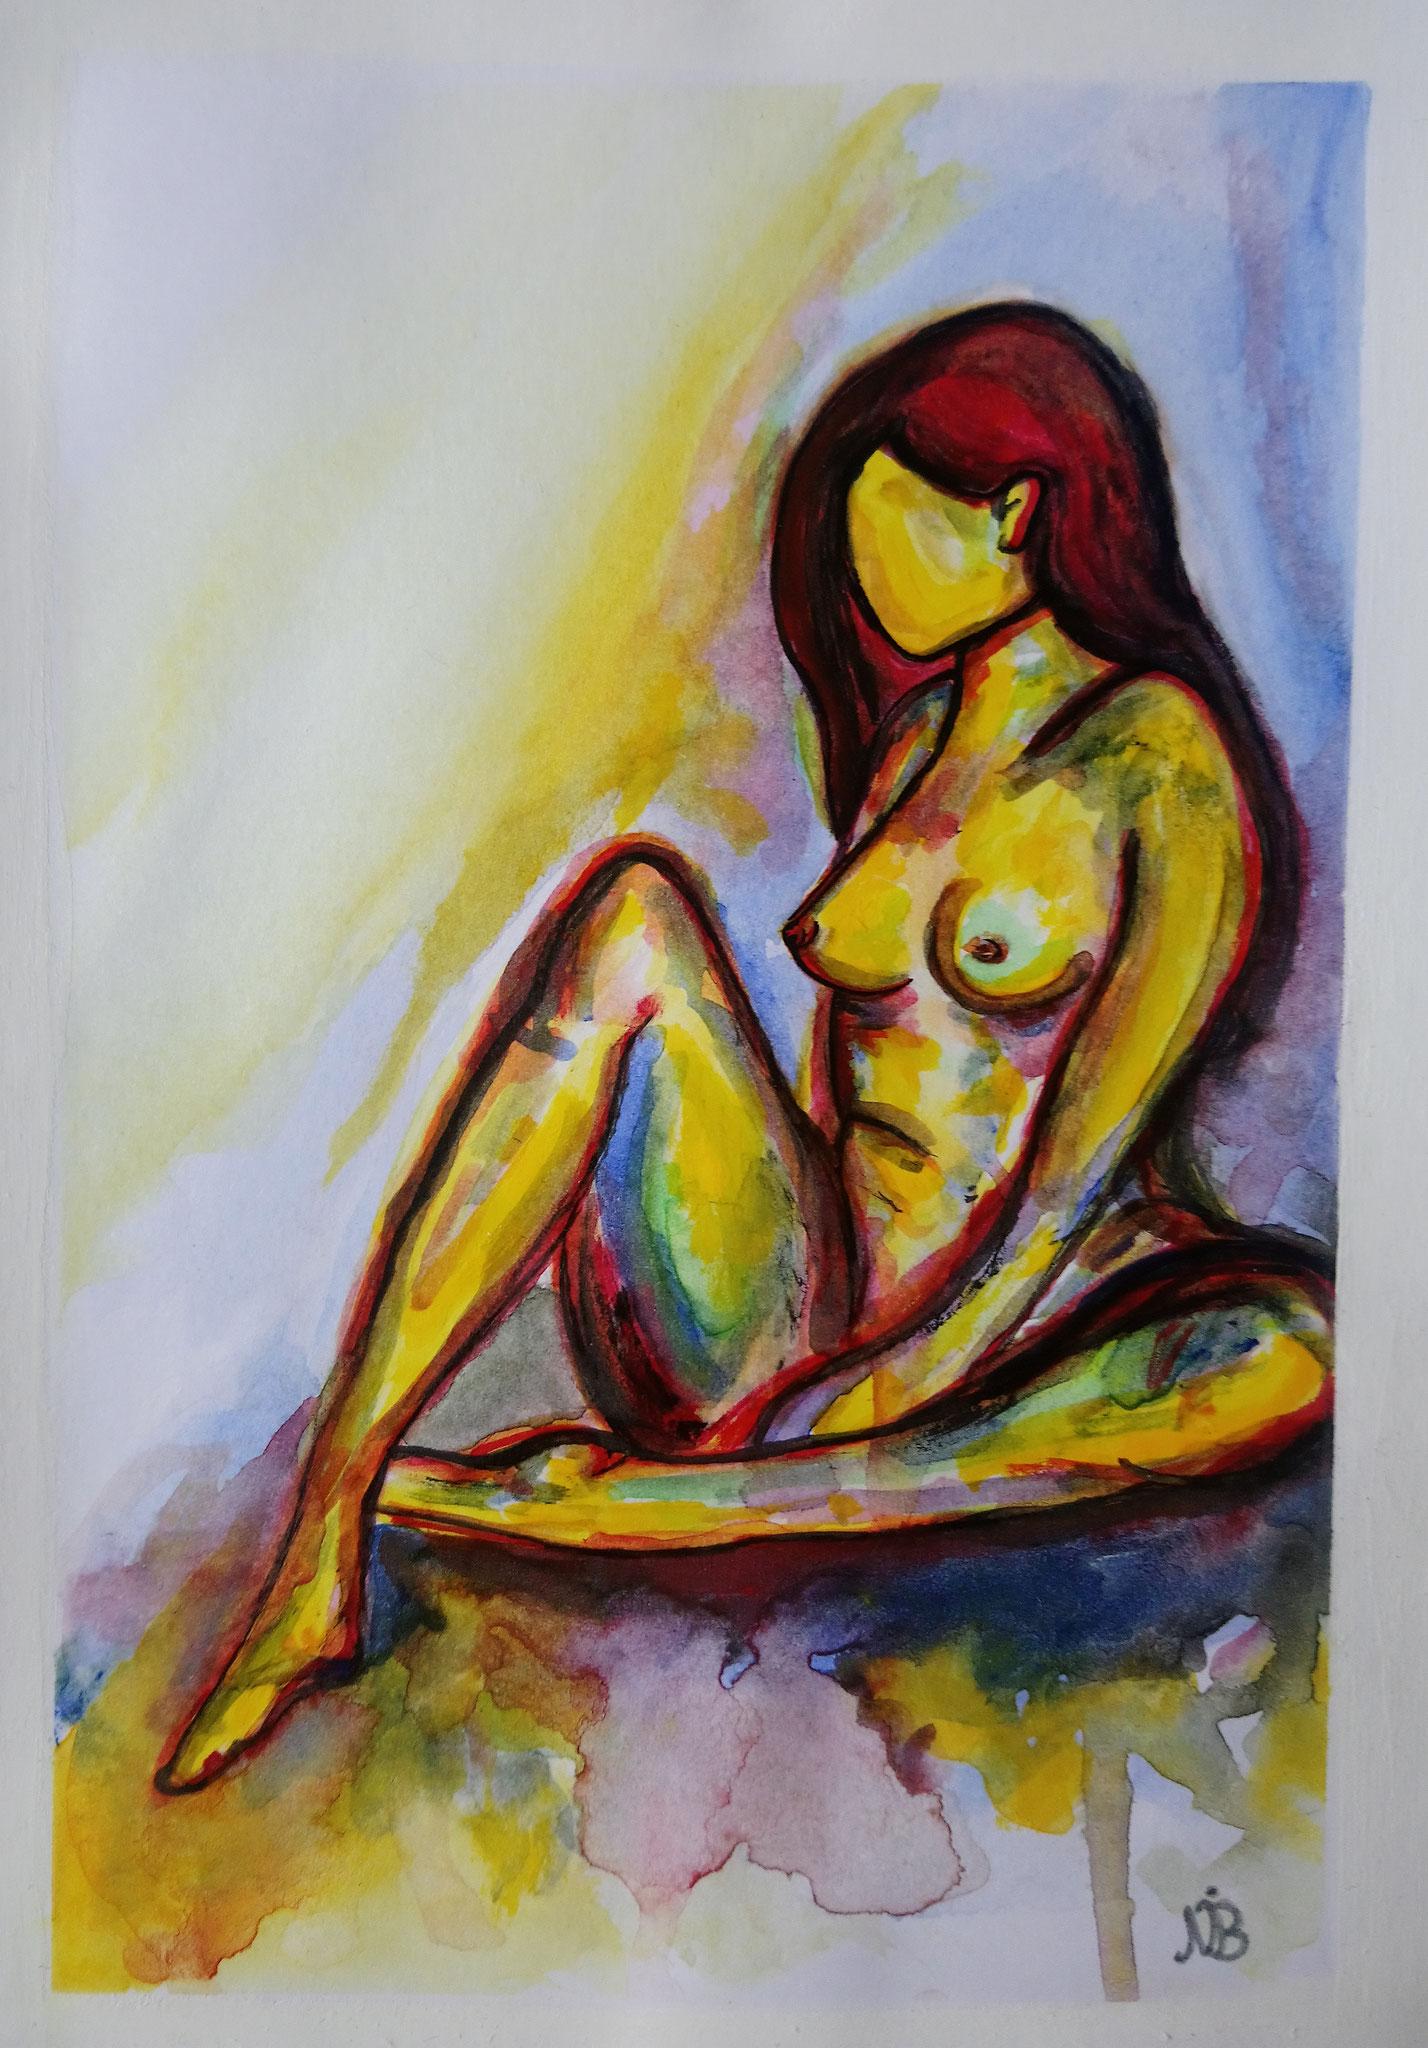 Ode an die Weiblichkeit 5  (14,8x21)  - VERKAUFT